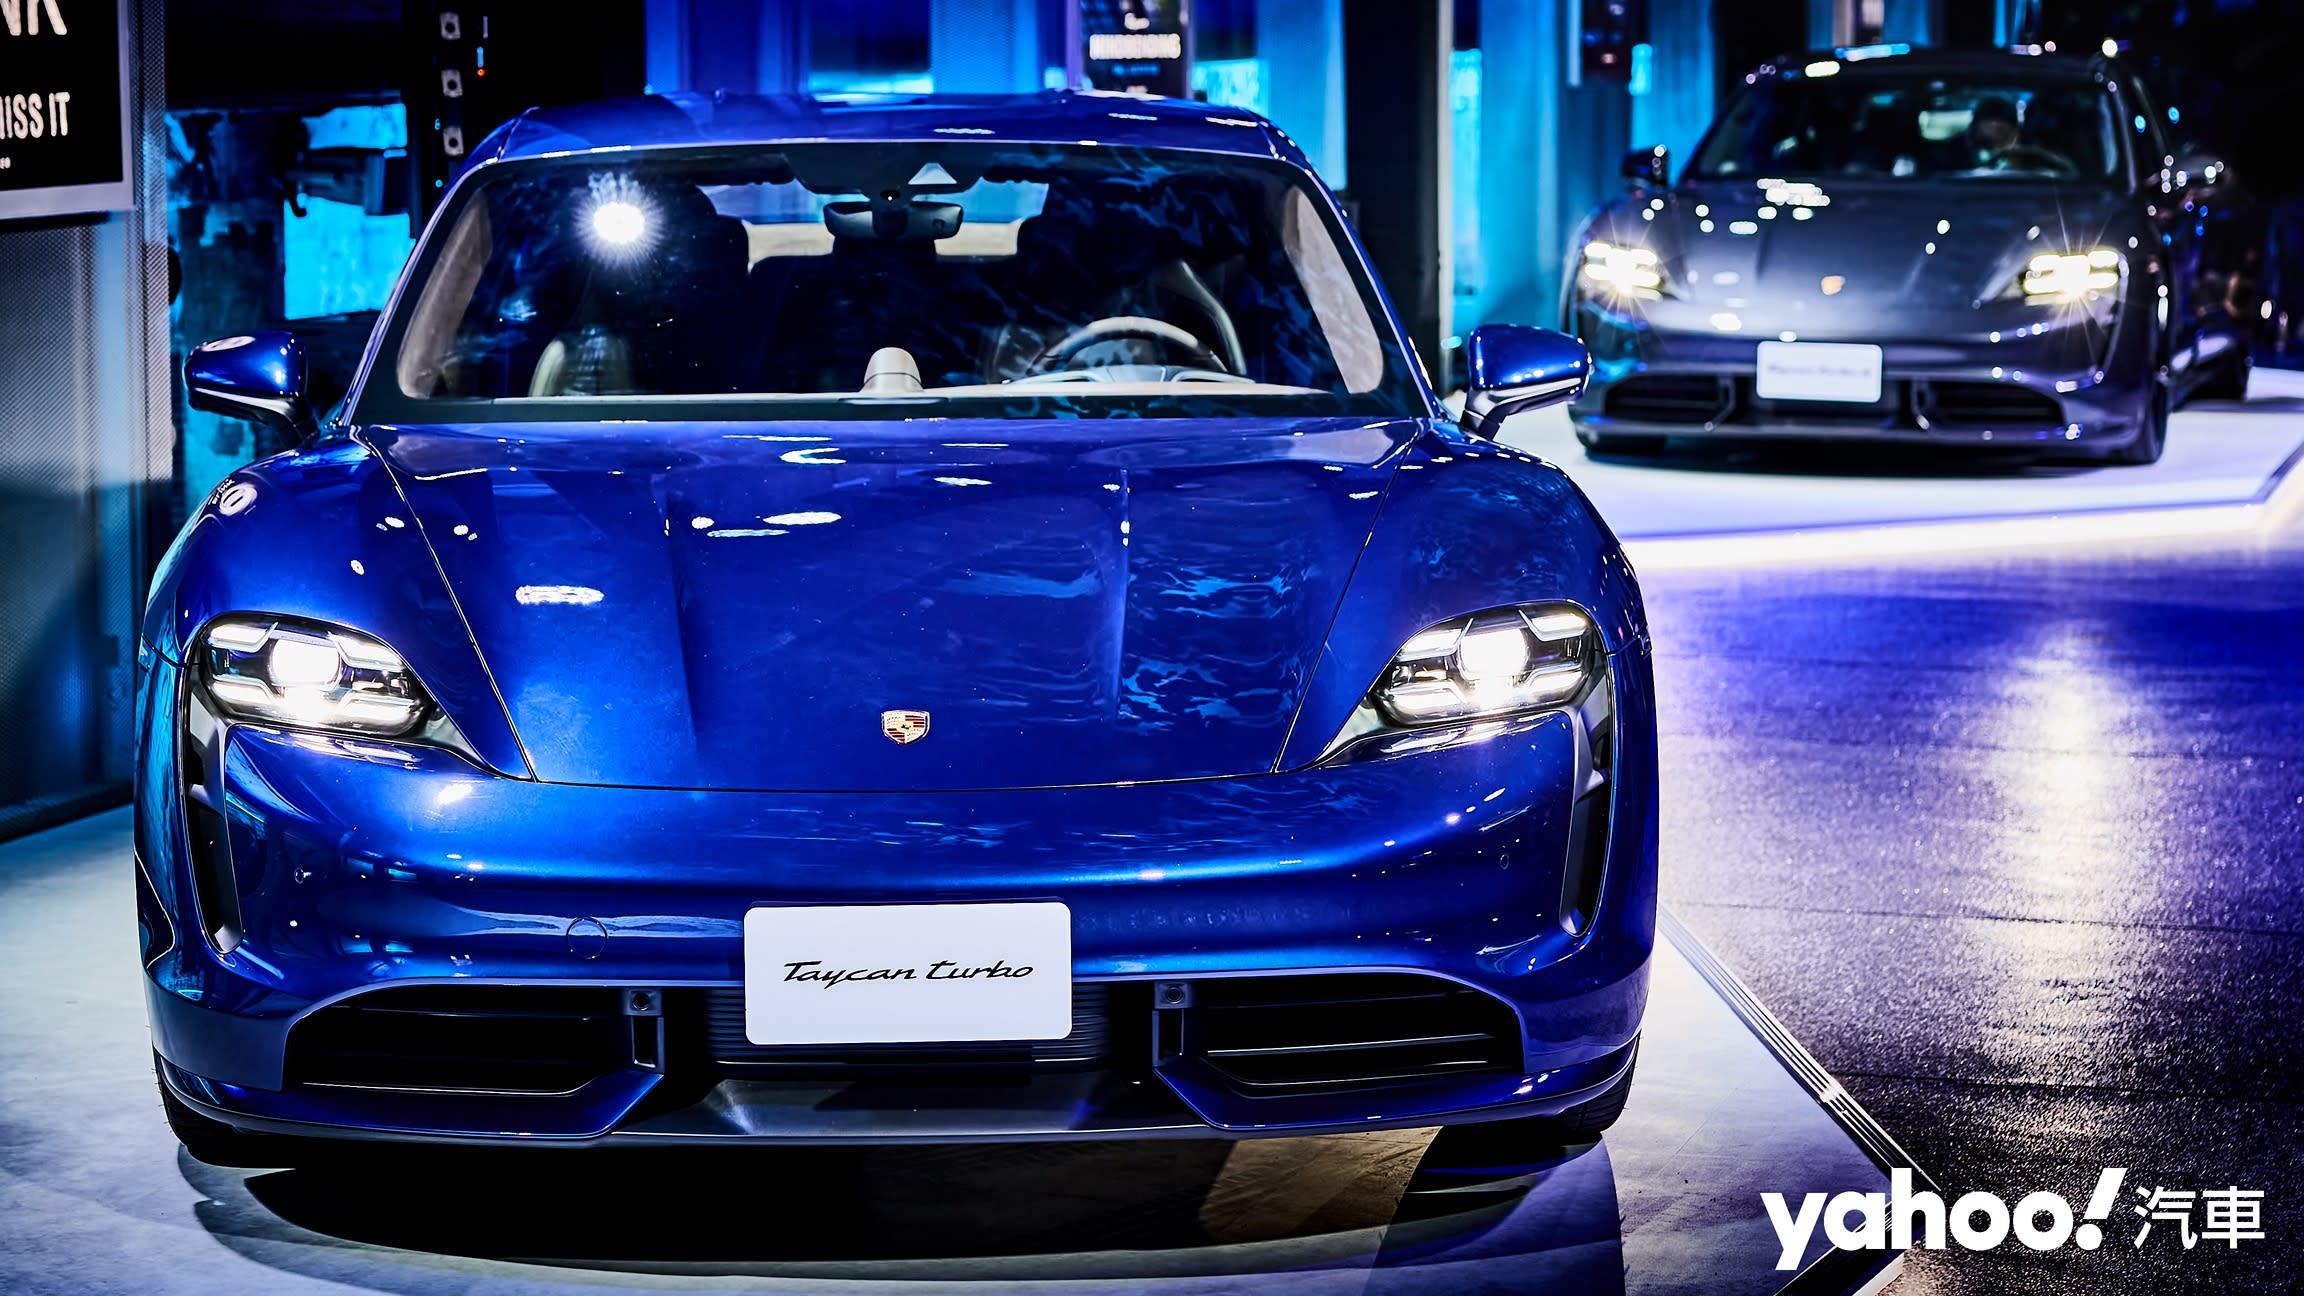 【新車圖輯】電掣神馳令人心嚮往!終於到來的玩美純電座駕-2021 Porsche Taycan正式上市!